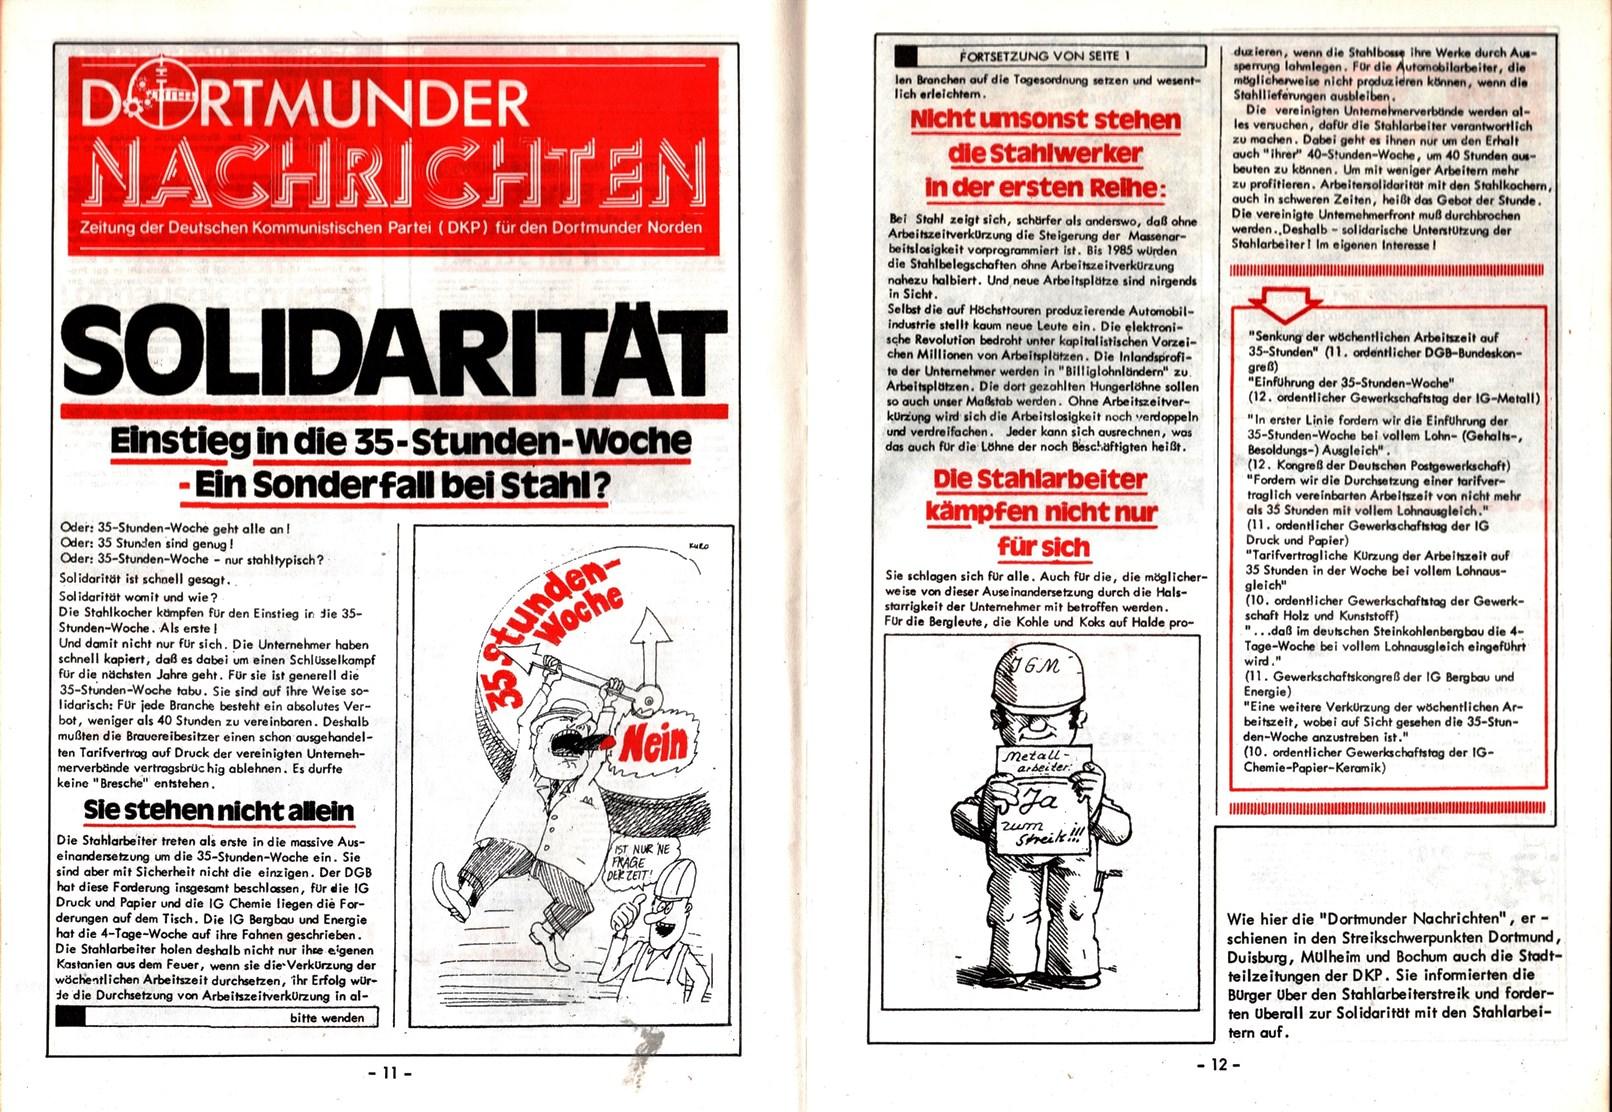 NRW_DKP_Stahlarbeiterstreik_1978_1979_007